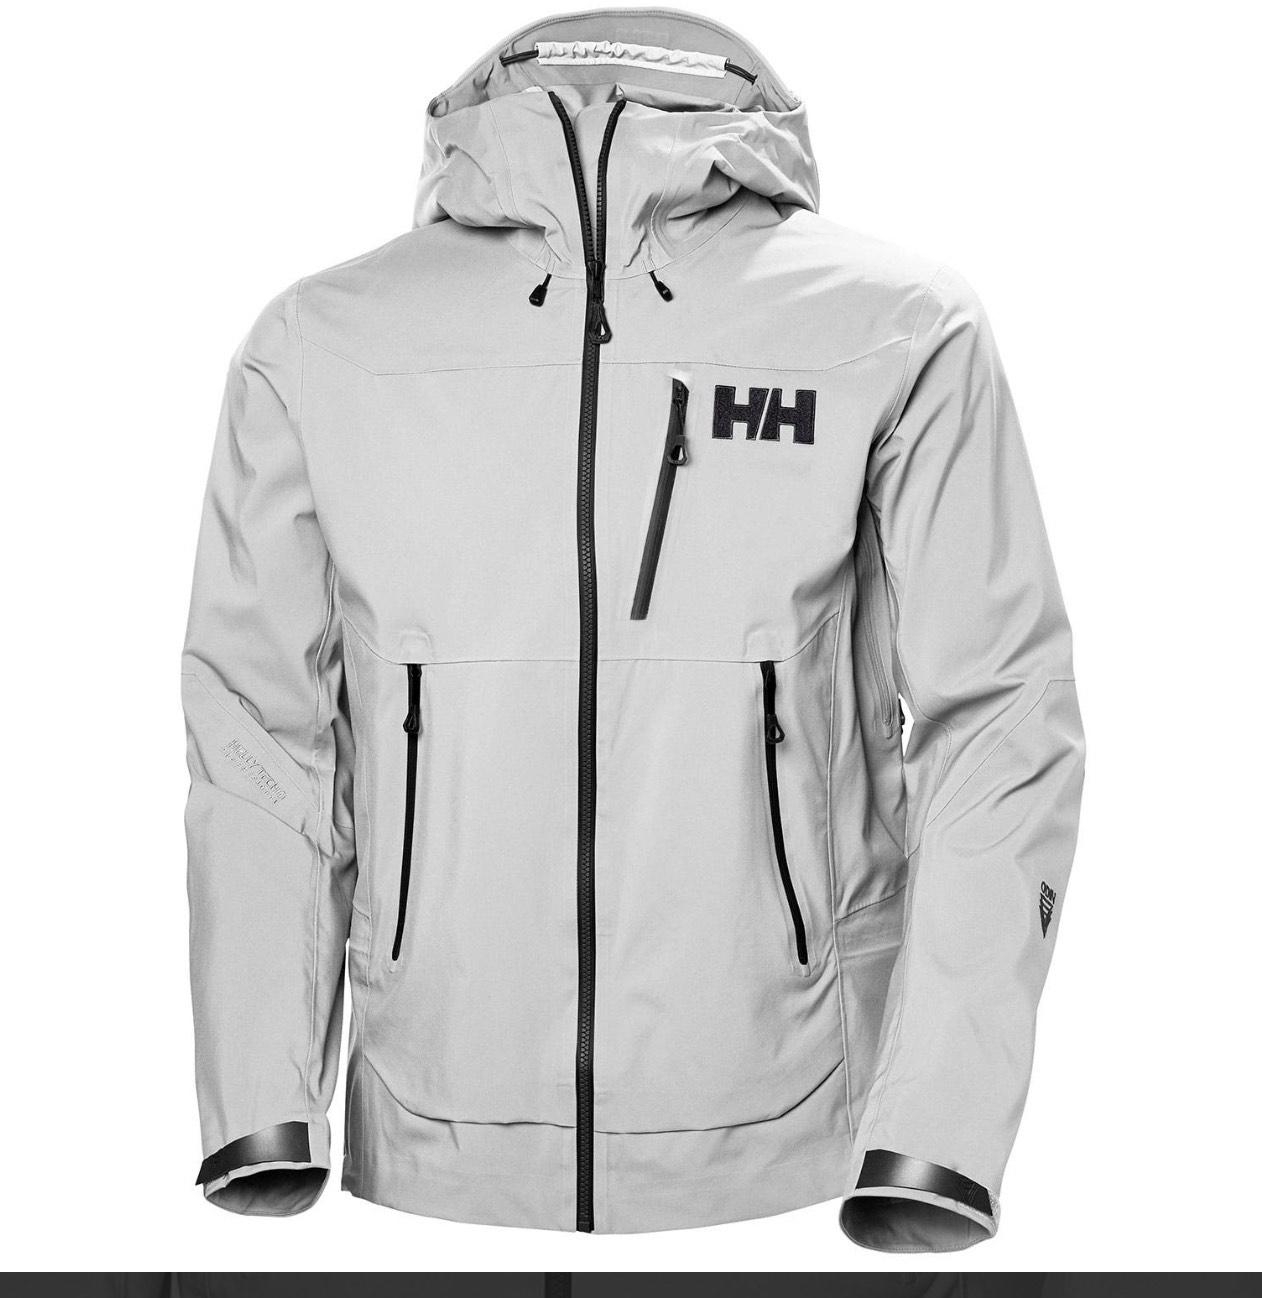 Helly Hansen Mens Odin Infinity Shell Jacket Grey Fog - £300 @ Trekitt